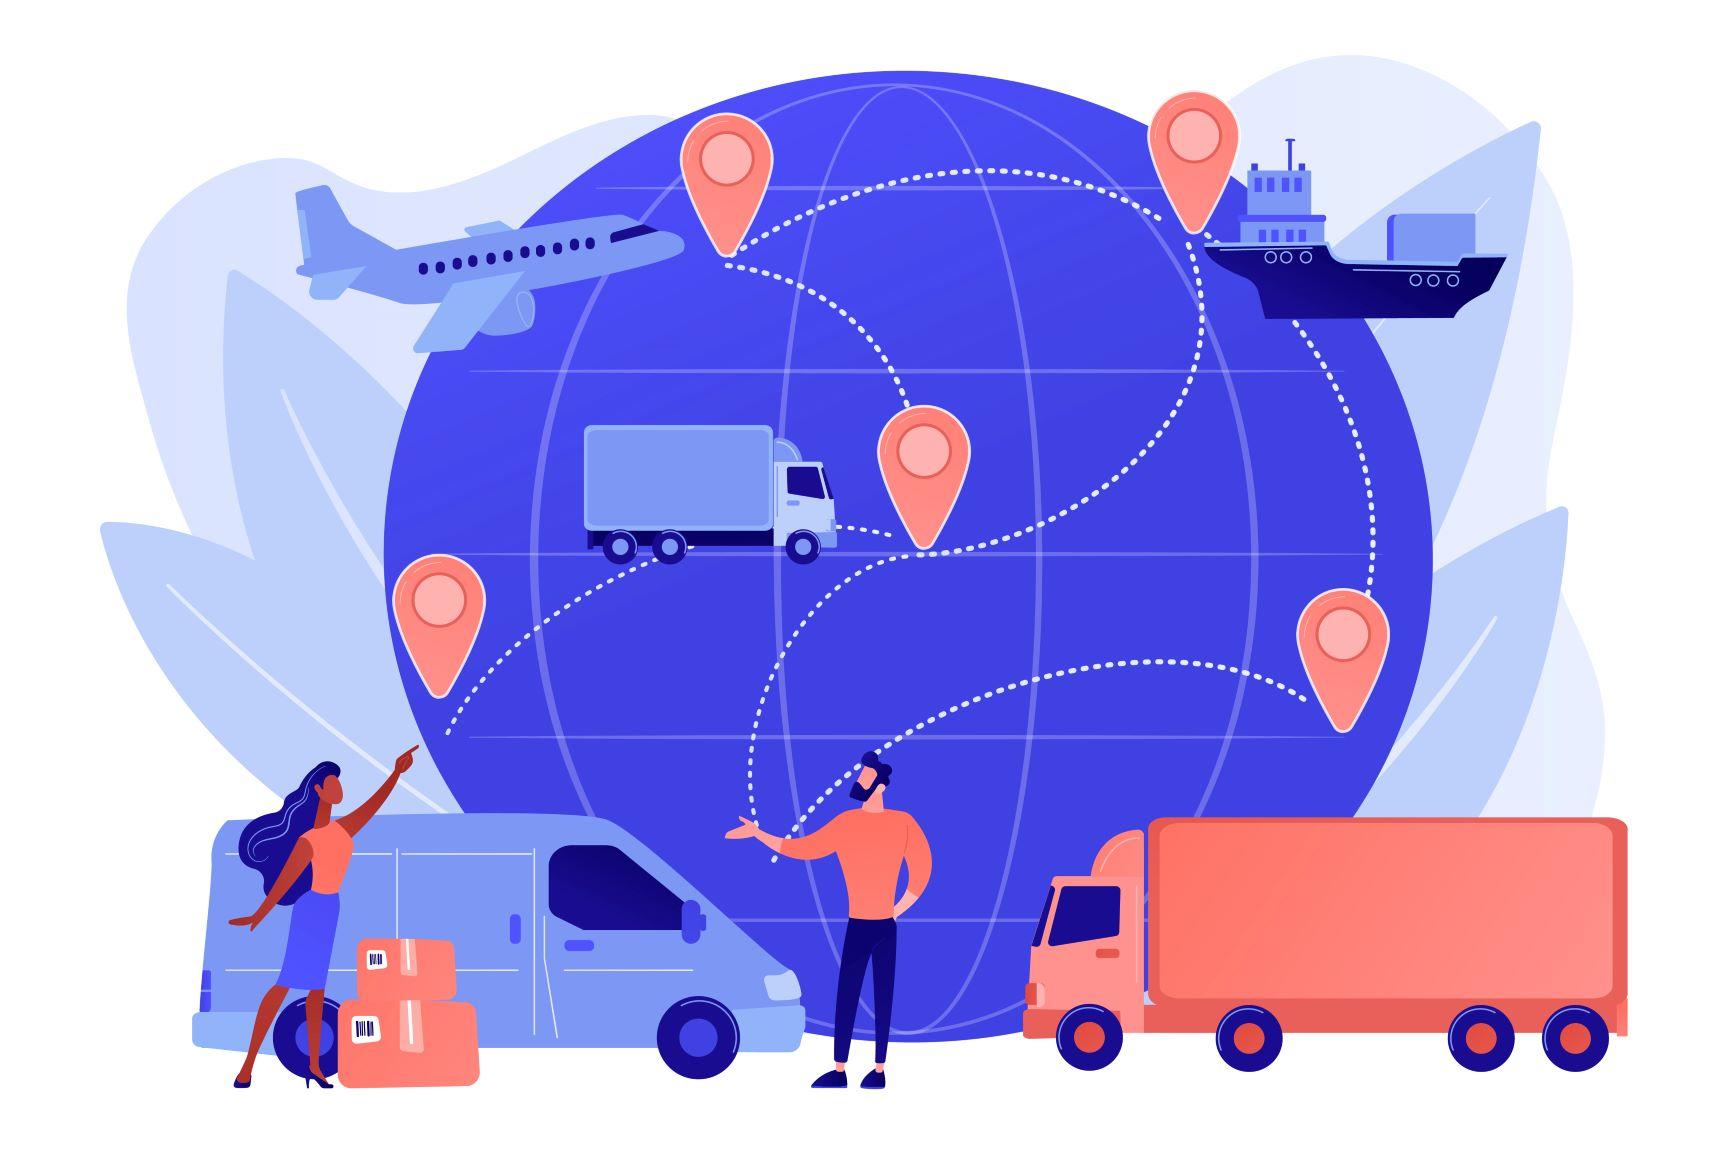 Yurtdışına Yük ve Eşya Taşıma Süreçleri